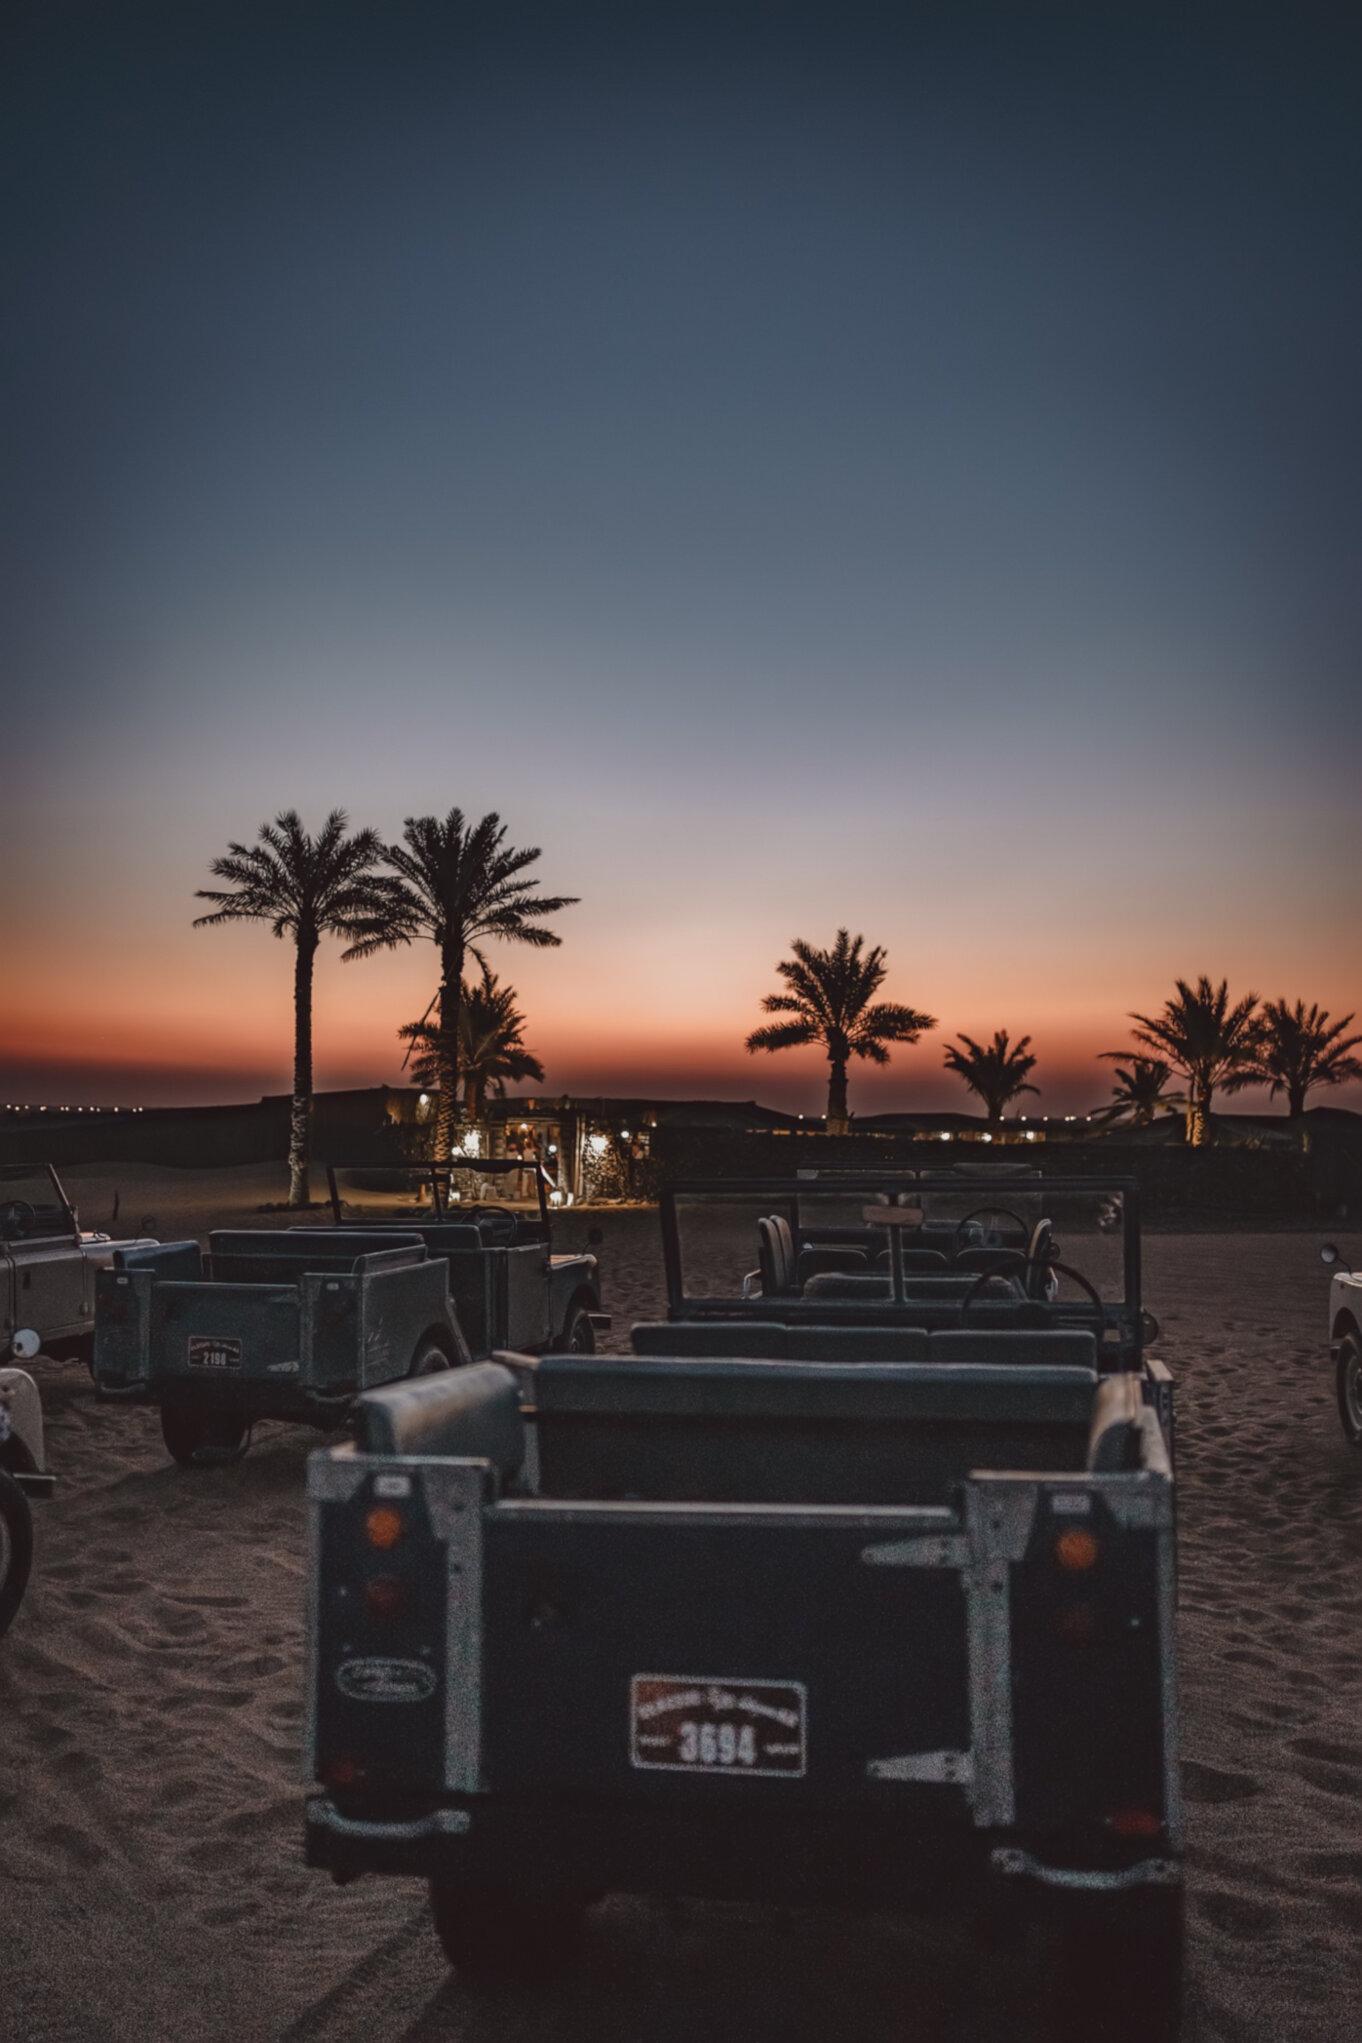 Nocny rajd po pustyni w Dubaju